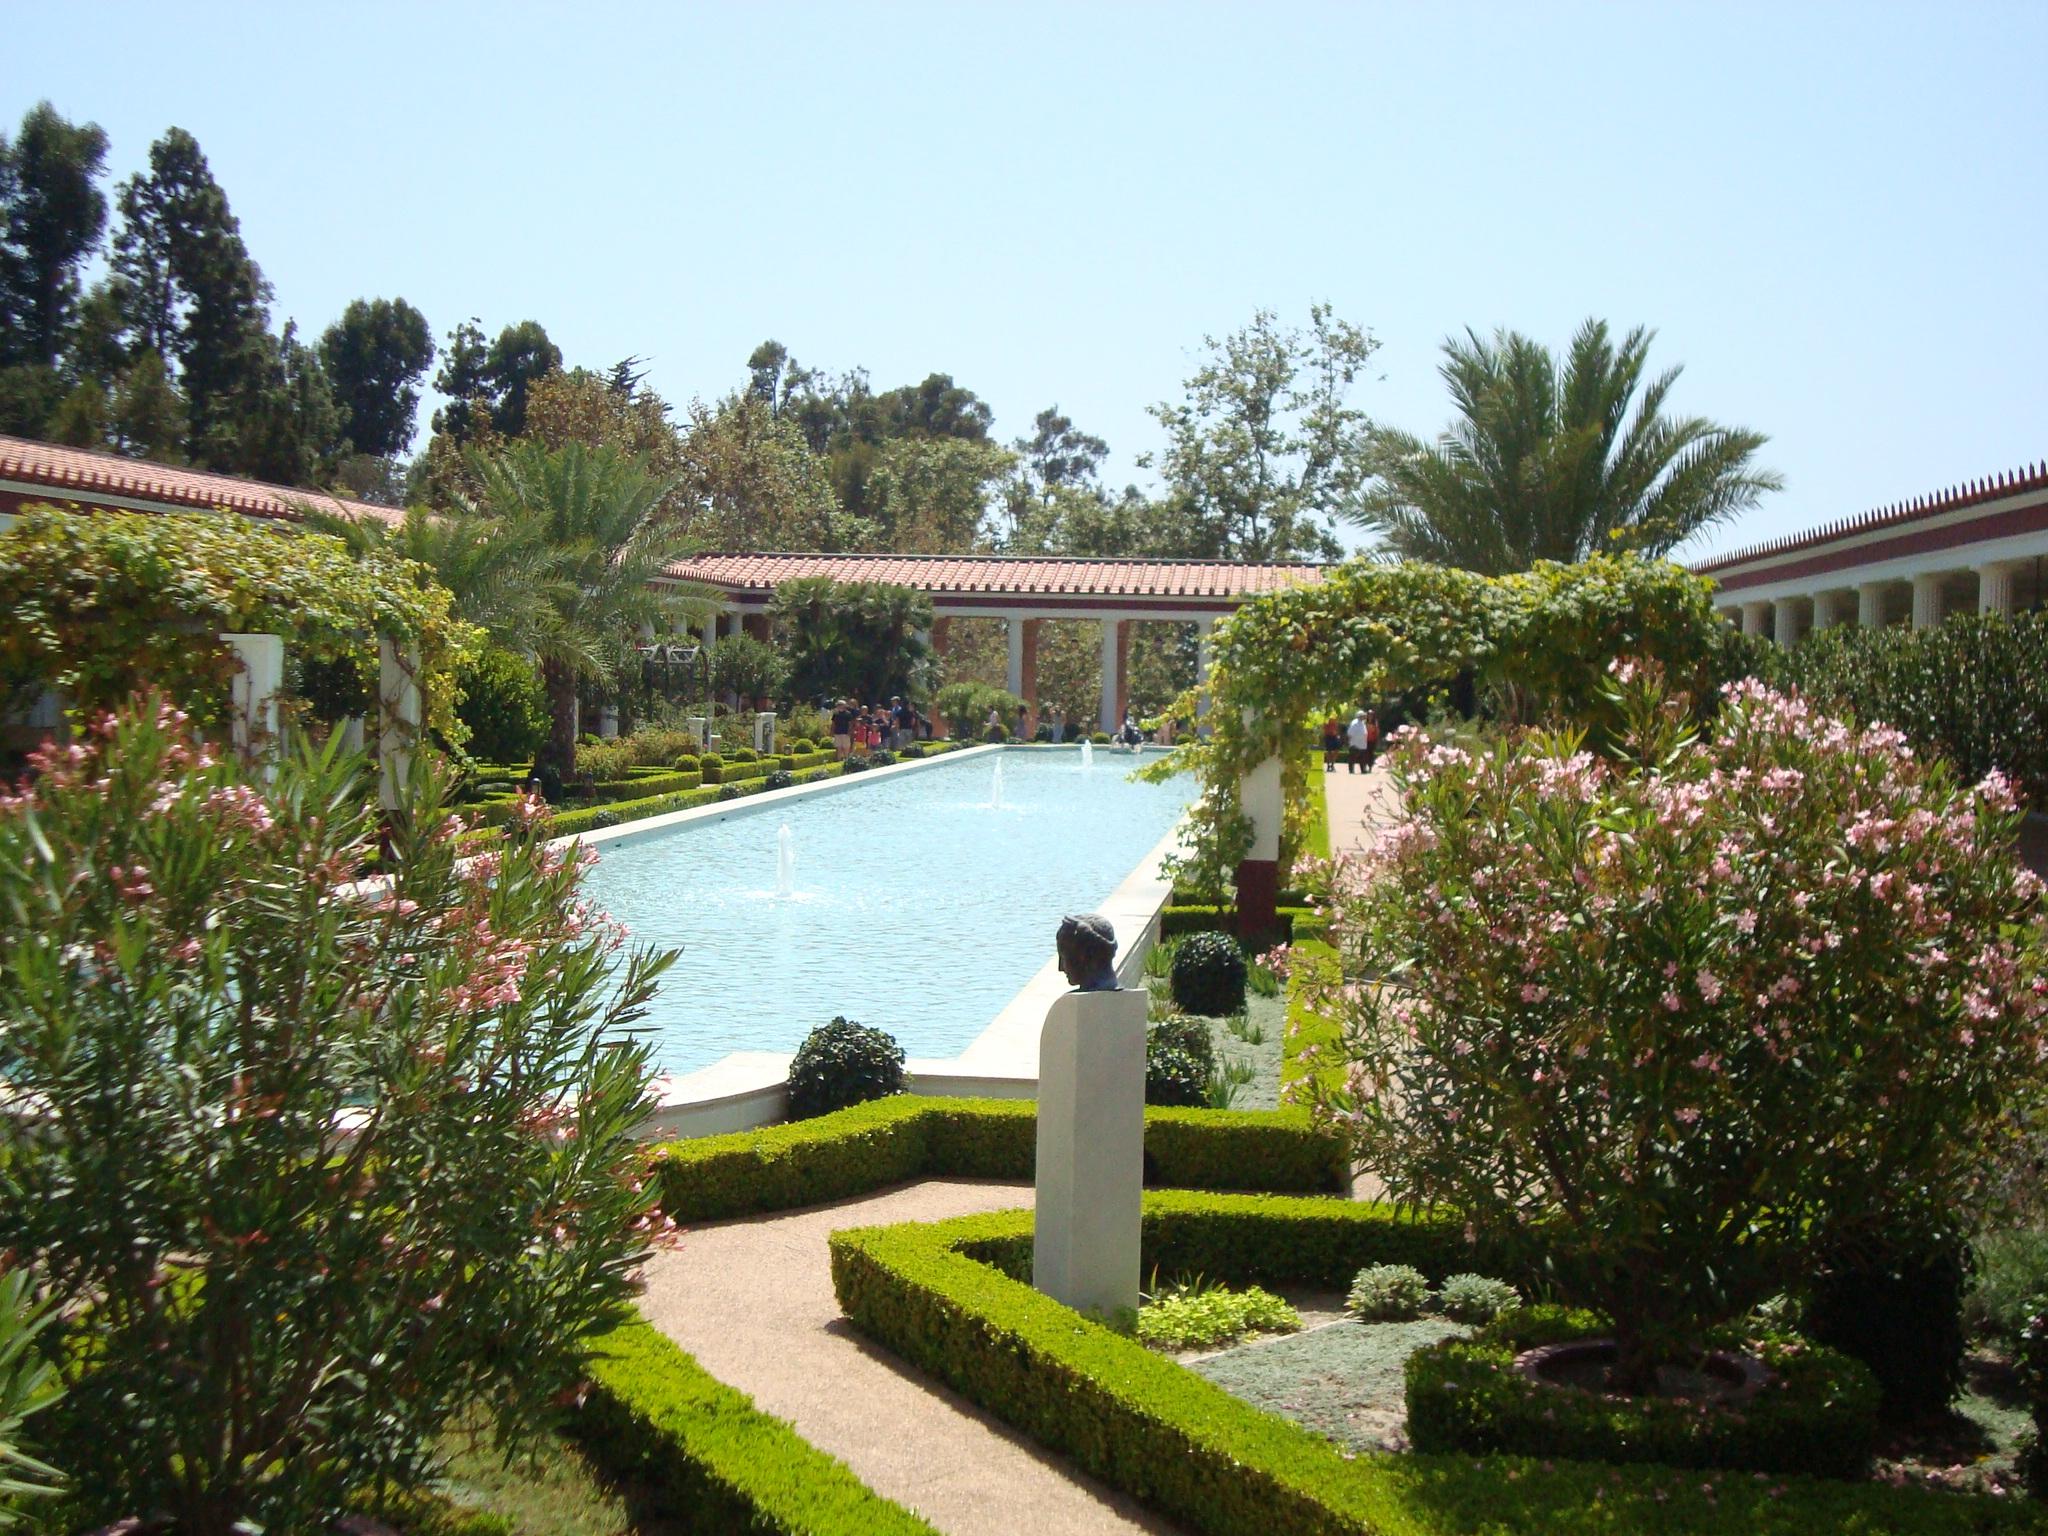 A Perfect Day At Getty Villa Malibu Marina Chetner